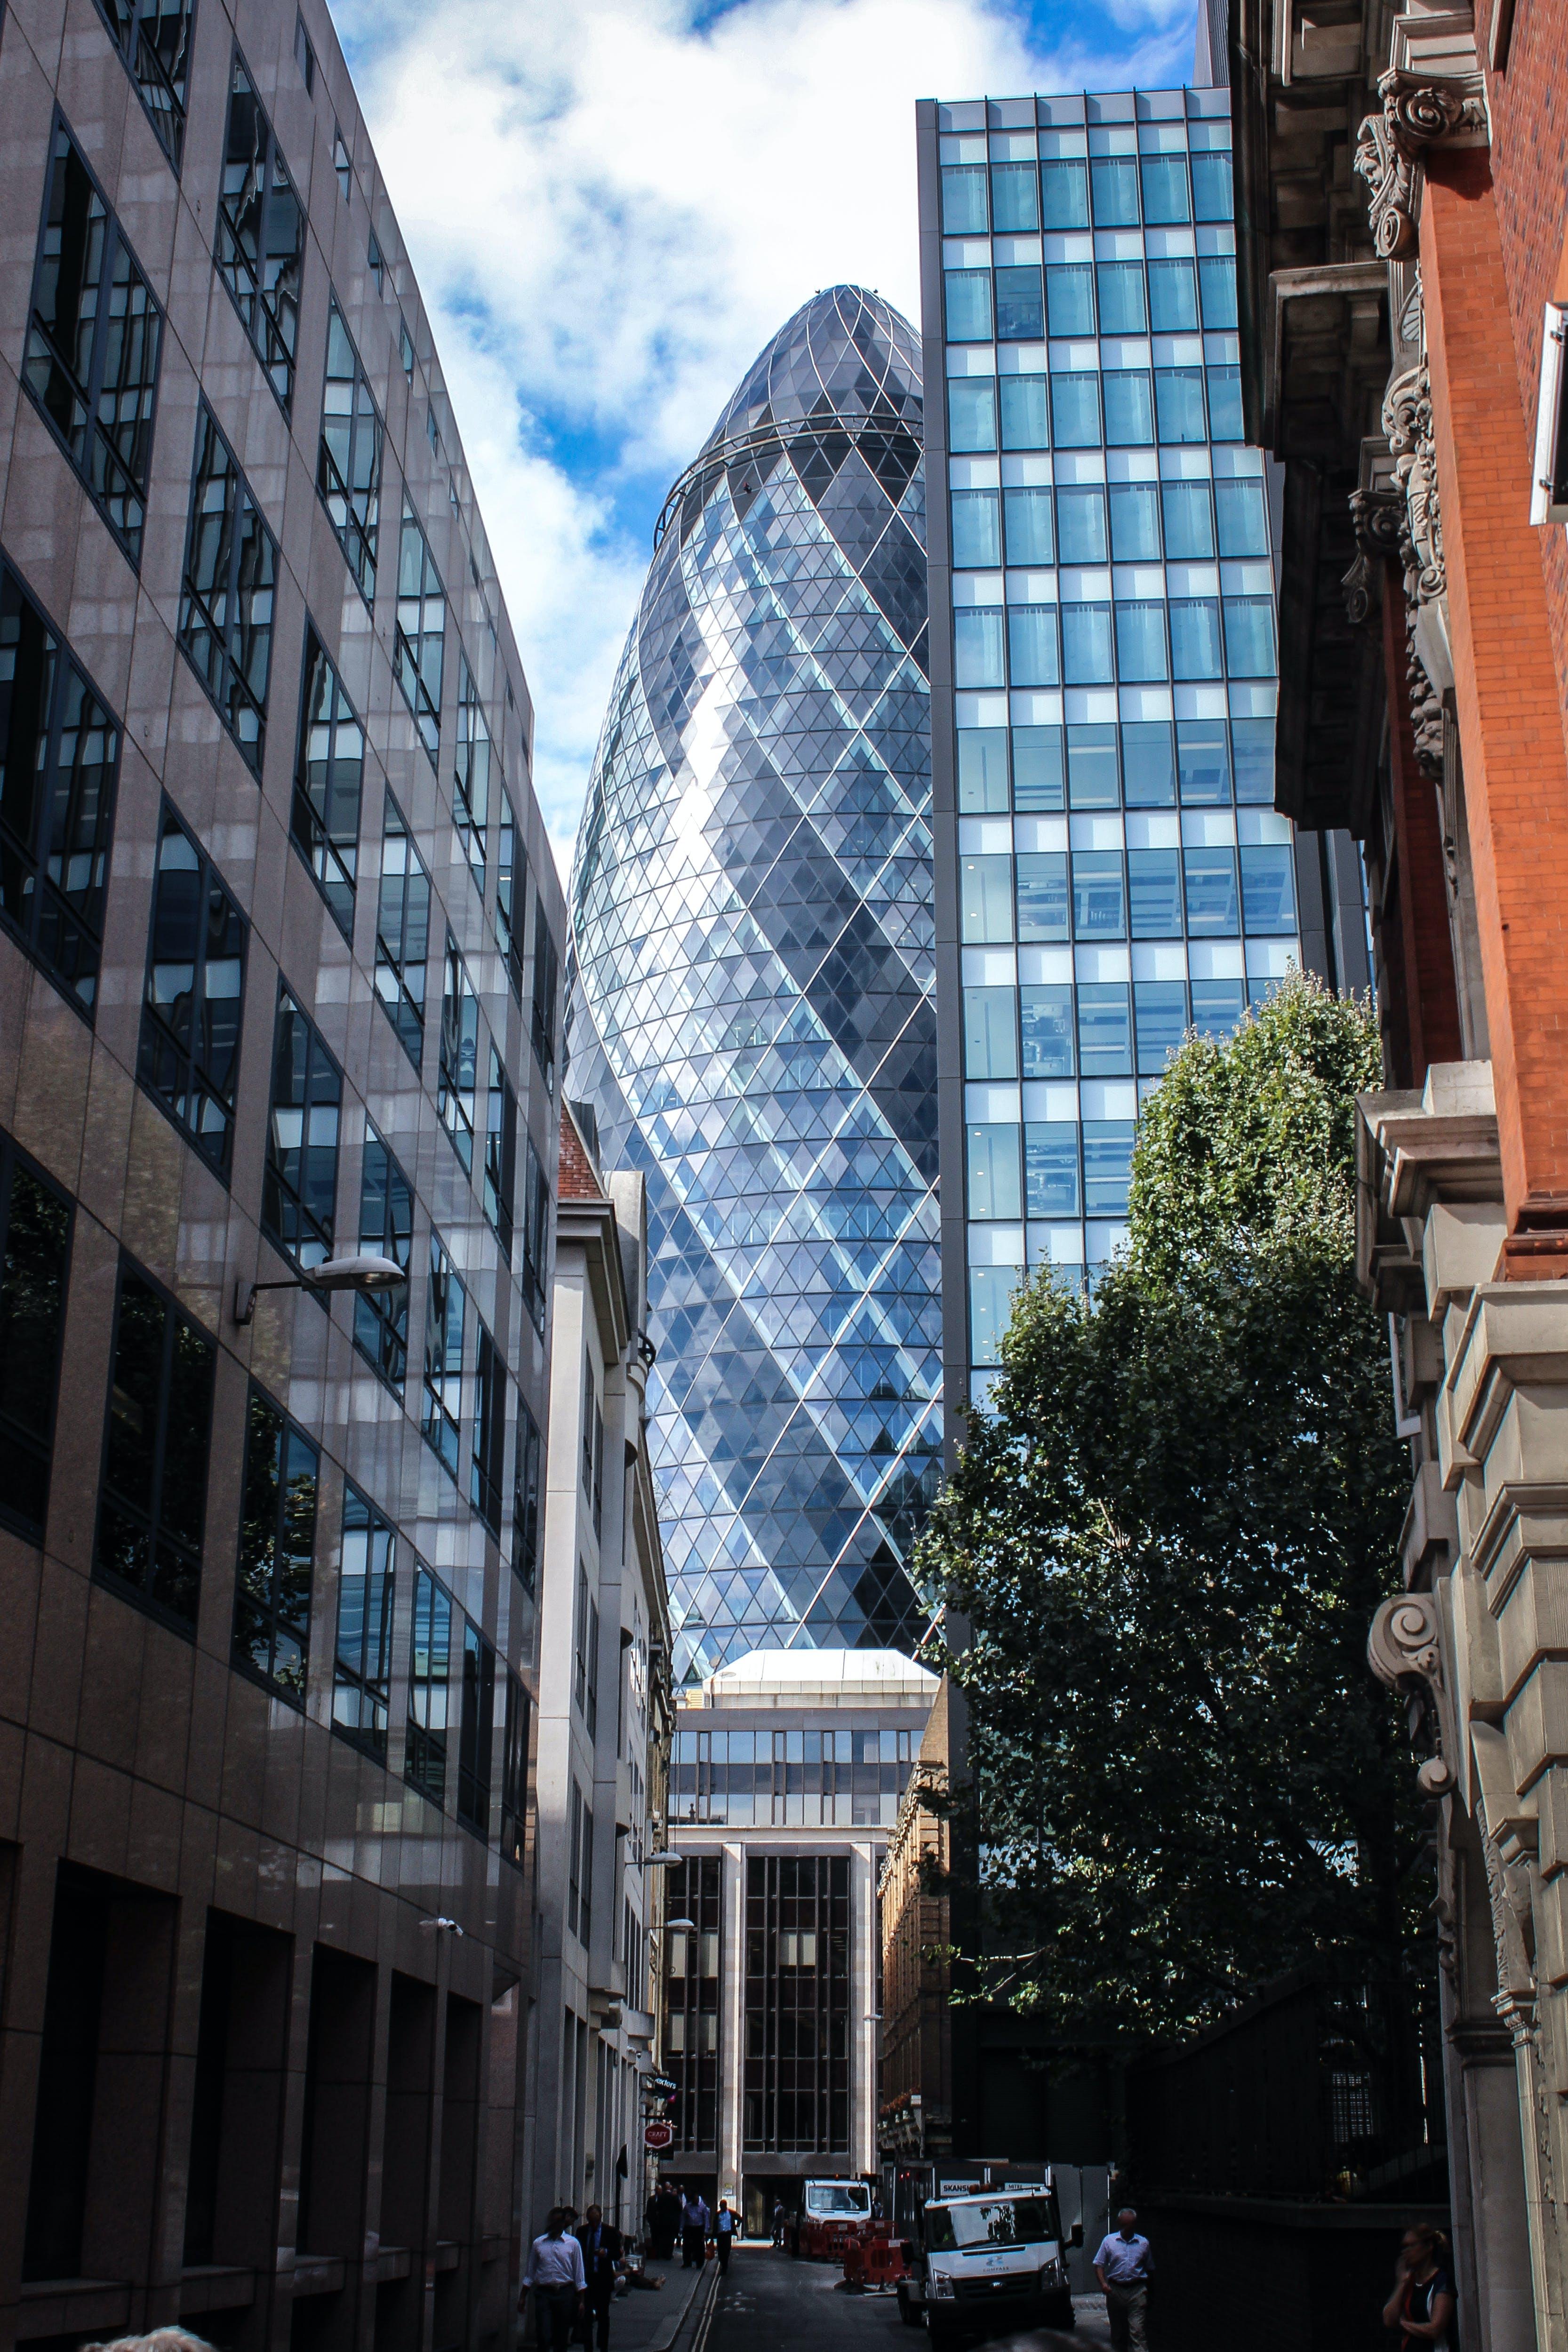 arquitectura, carrer, centre de la ciutat